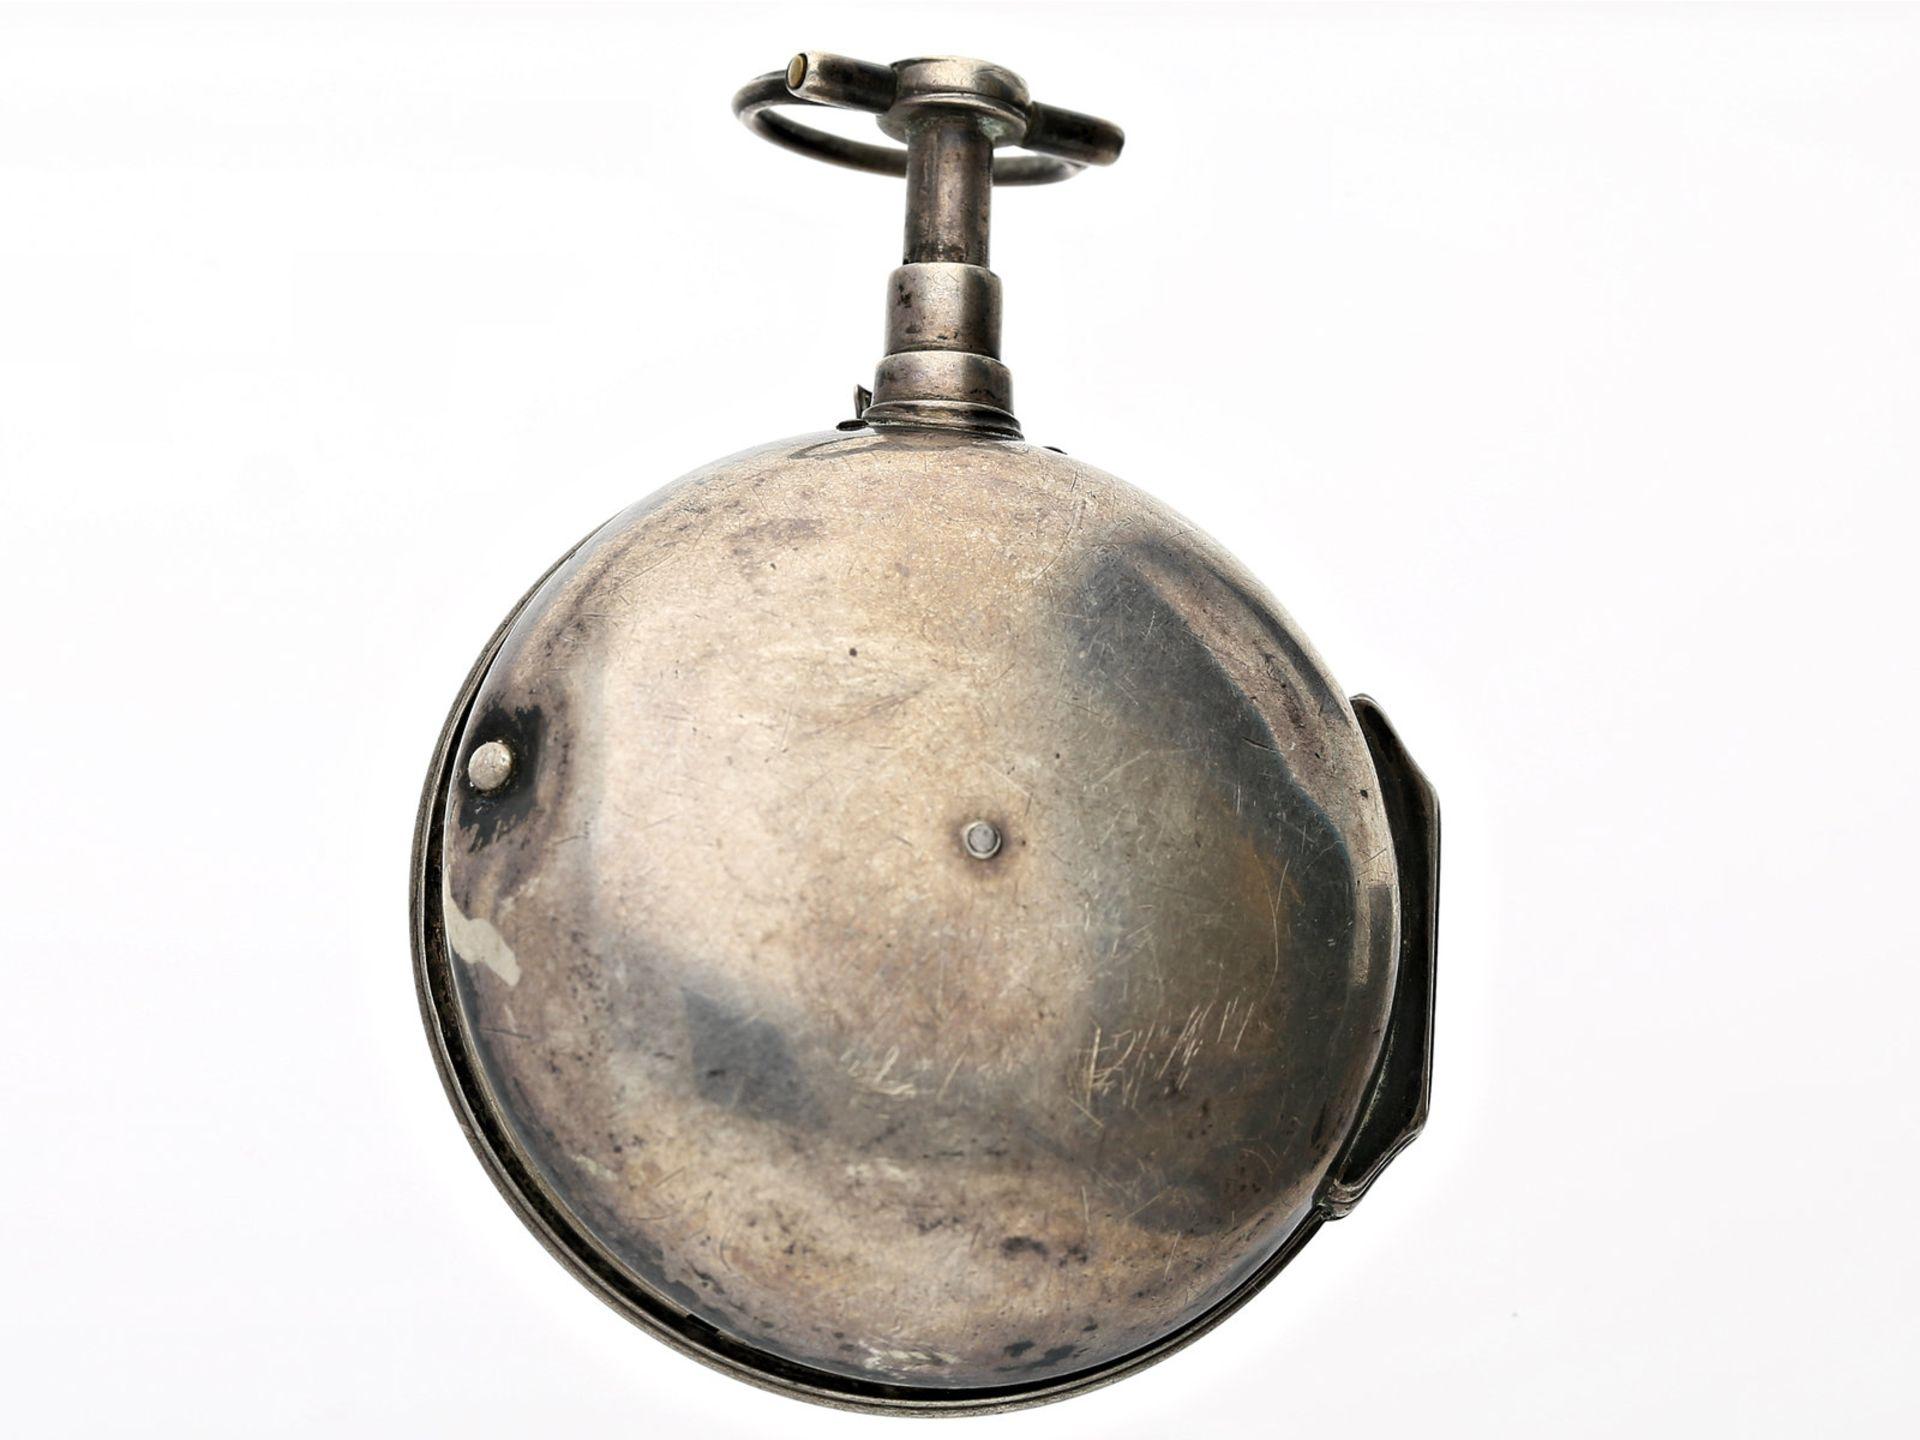 Taschenuhr: frühe Spindeluhr mit Repetition, signiert Drox, Frankreich um 1780Ca. Ø42mm, - Bild 3 aus 3